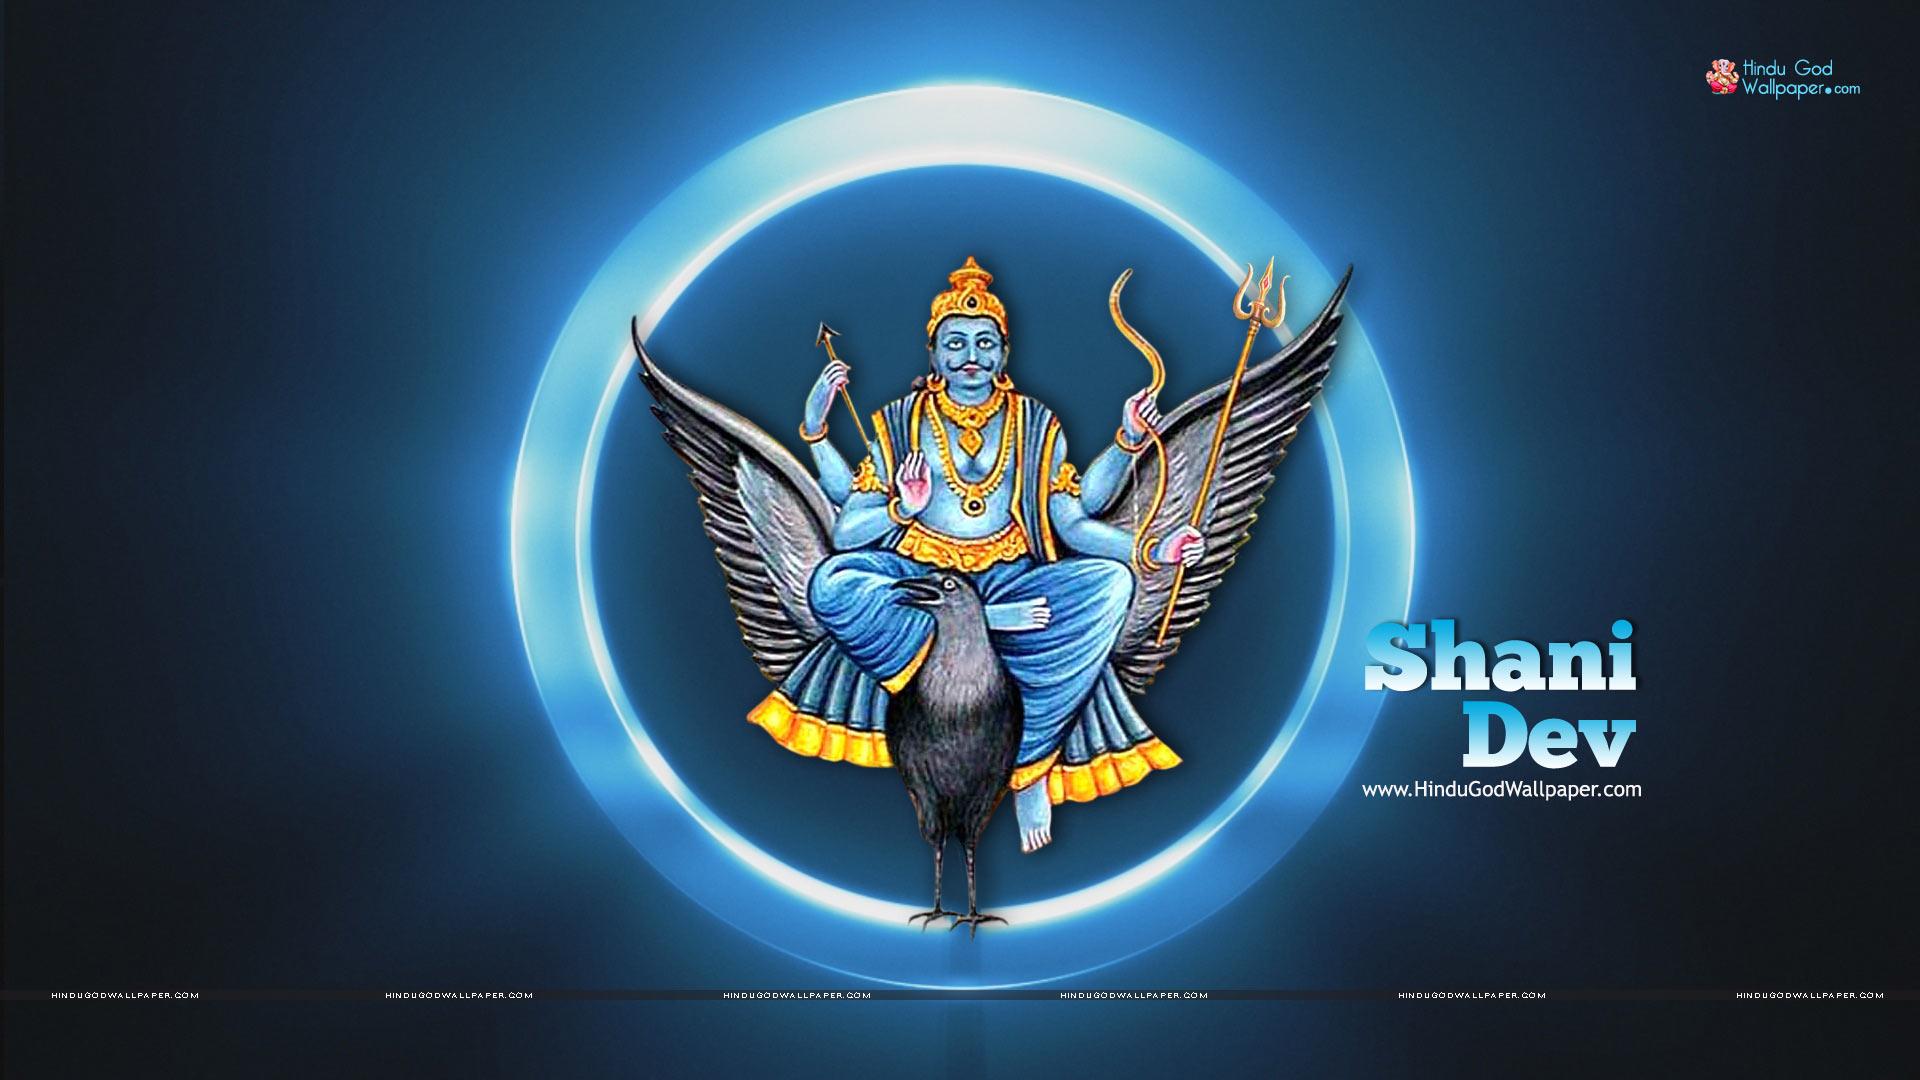 Shani Dev Wallpaper HD